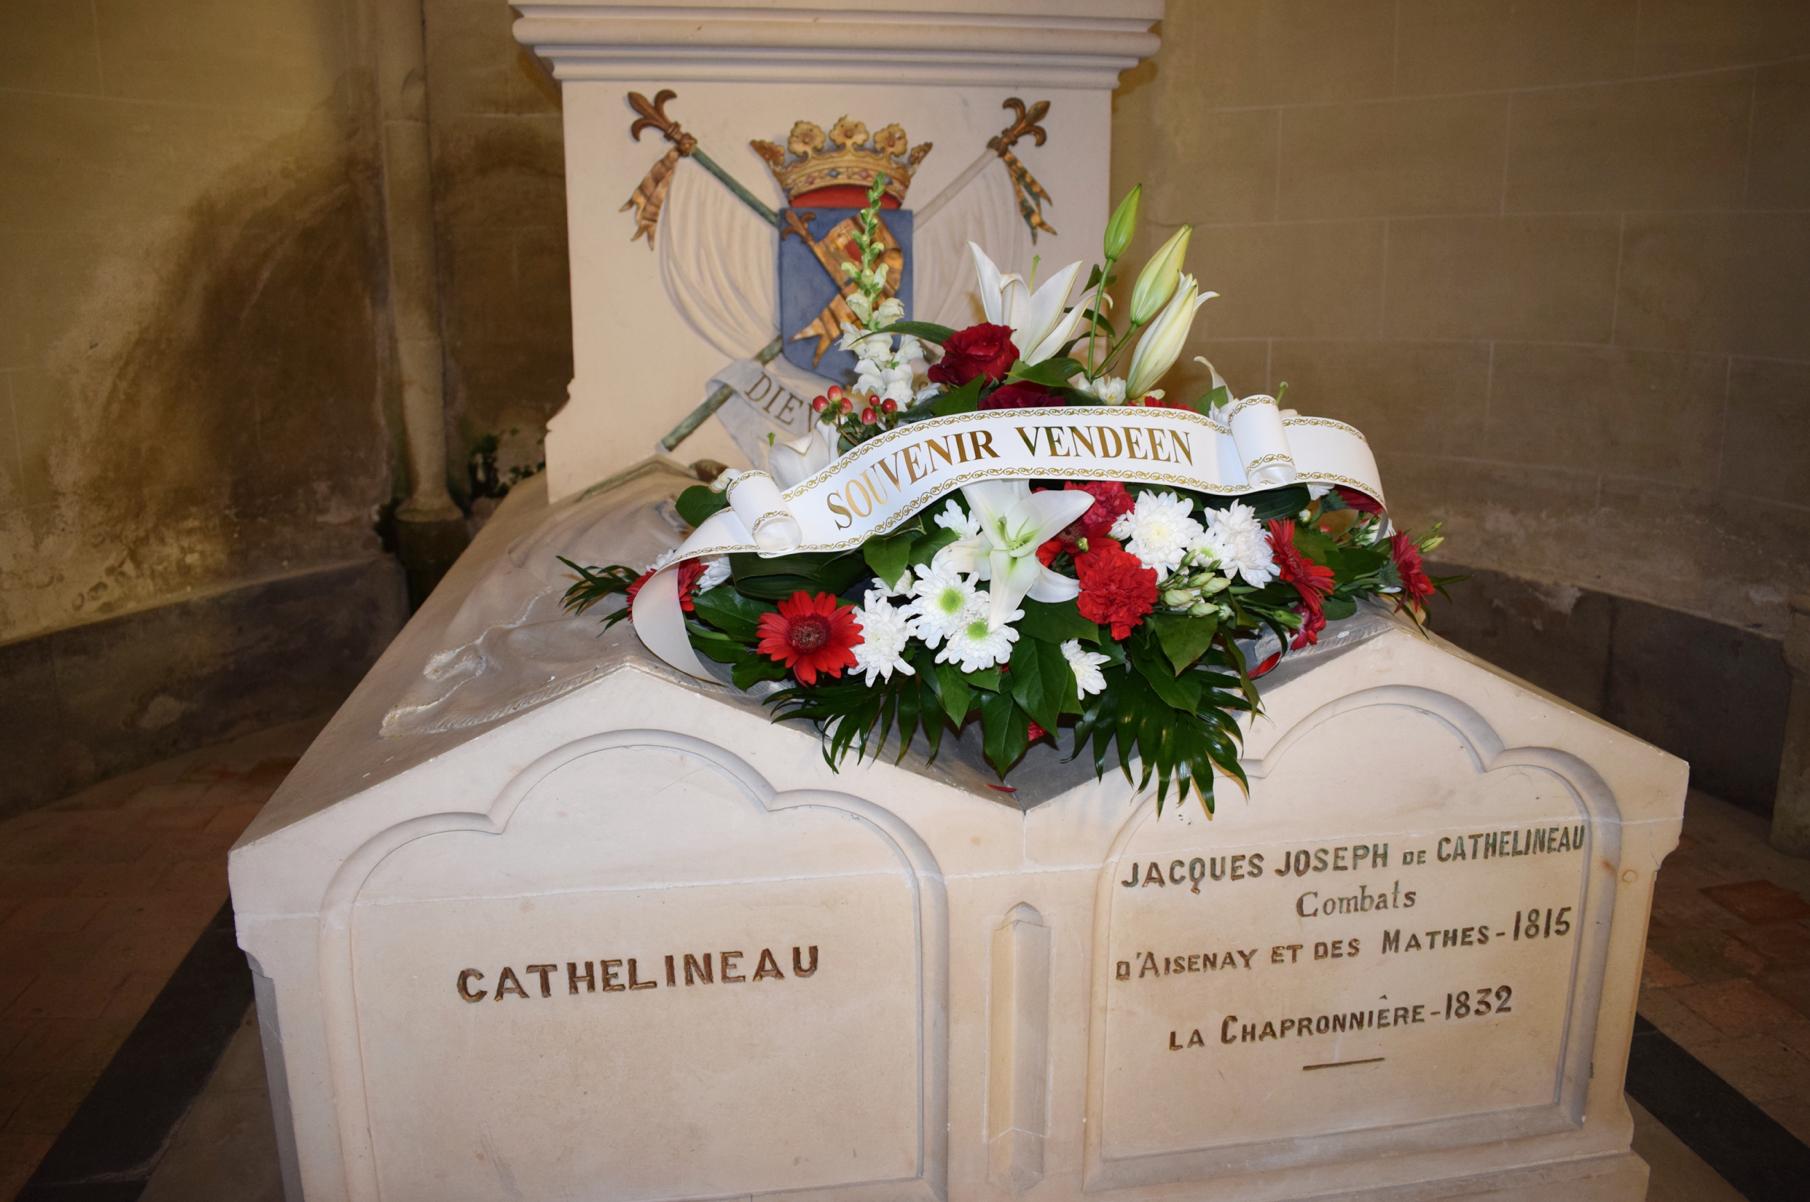 Cathelineau et le 14 juillet : une mémoire toujours vivante